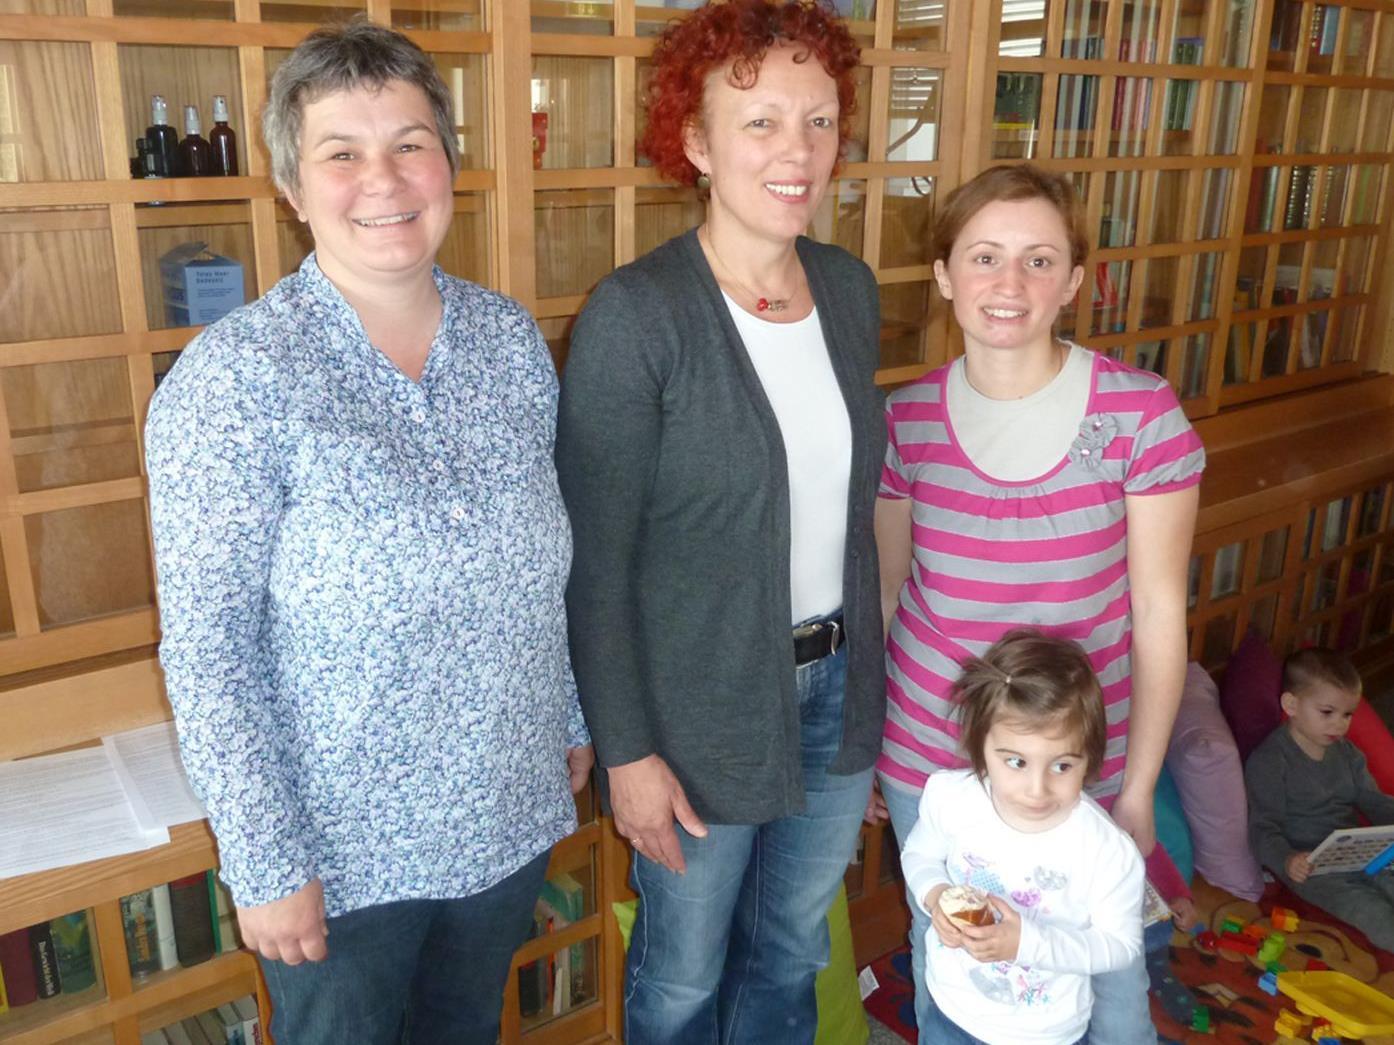 Sabine Reis und Senay Öztürk (r.) begrüßten Karin Kolb (Mitte) als Referentin beim Frauenfrühstück.